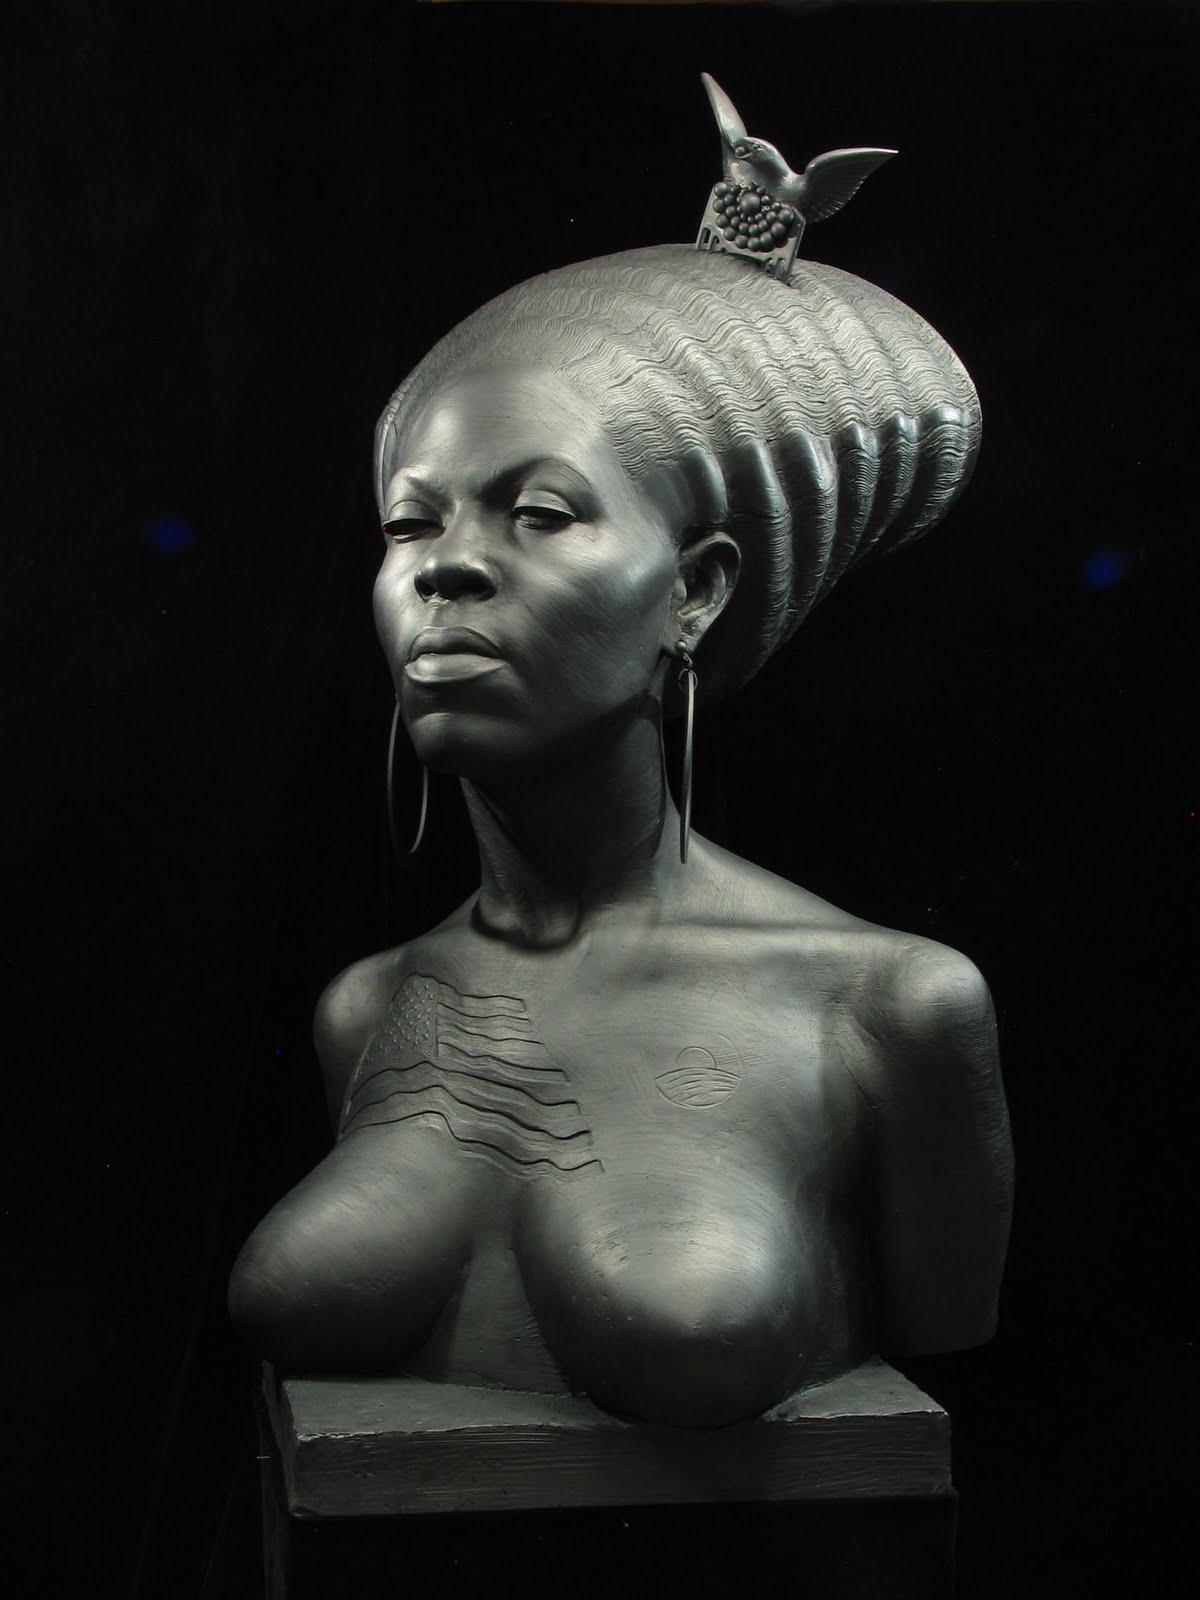 http://4.bp.blogspot.com/-zG4LZ9d1U-I/Ti9-Sx6CqqI/AAAAAAAADs0/H_wYm-OUN6w/s1600/sculptor+Daniel+Edwards%2527+portrayal+of+Michelle+Obama.jpg